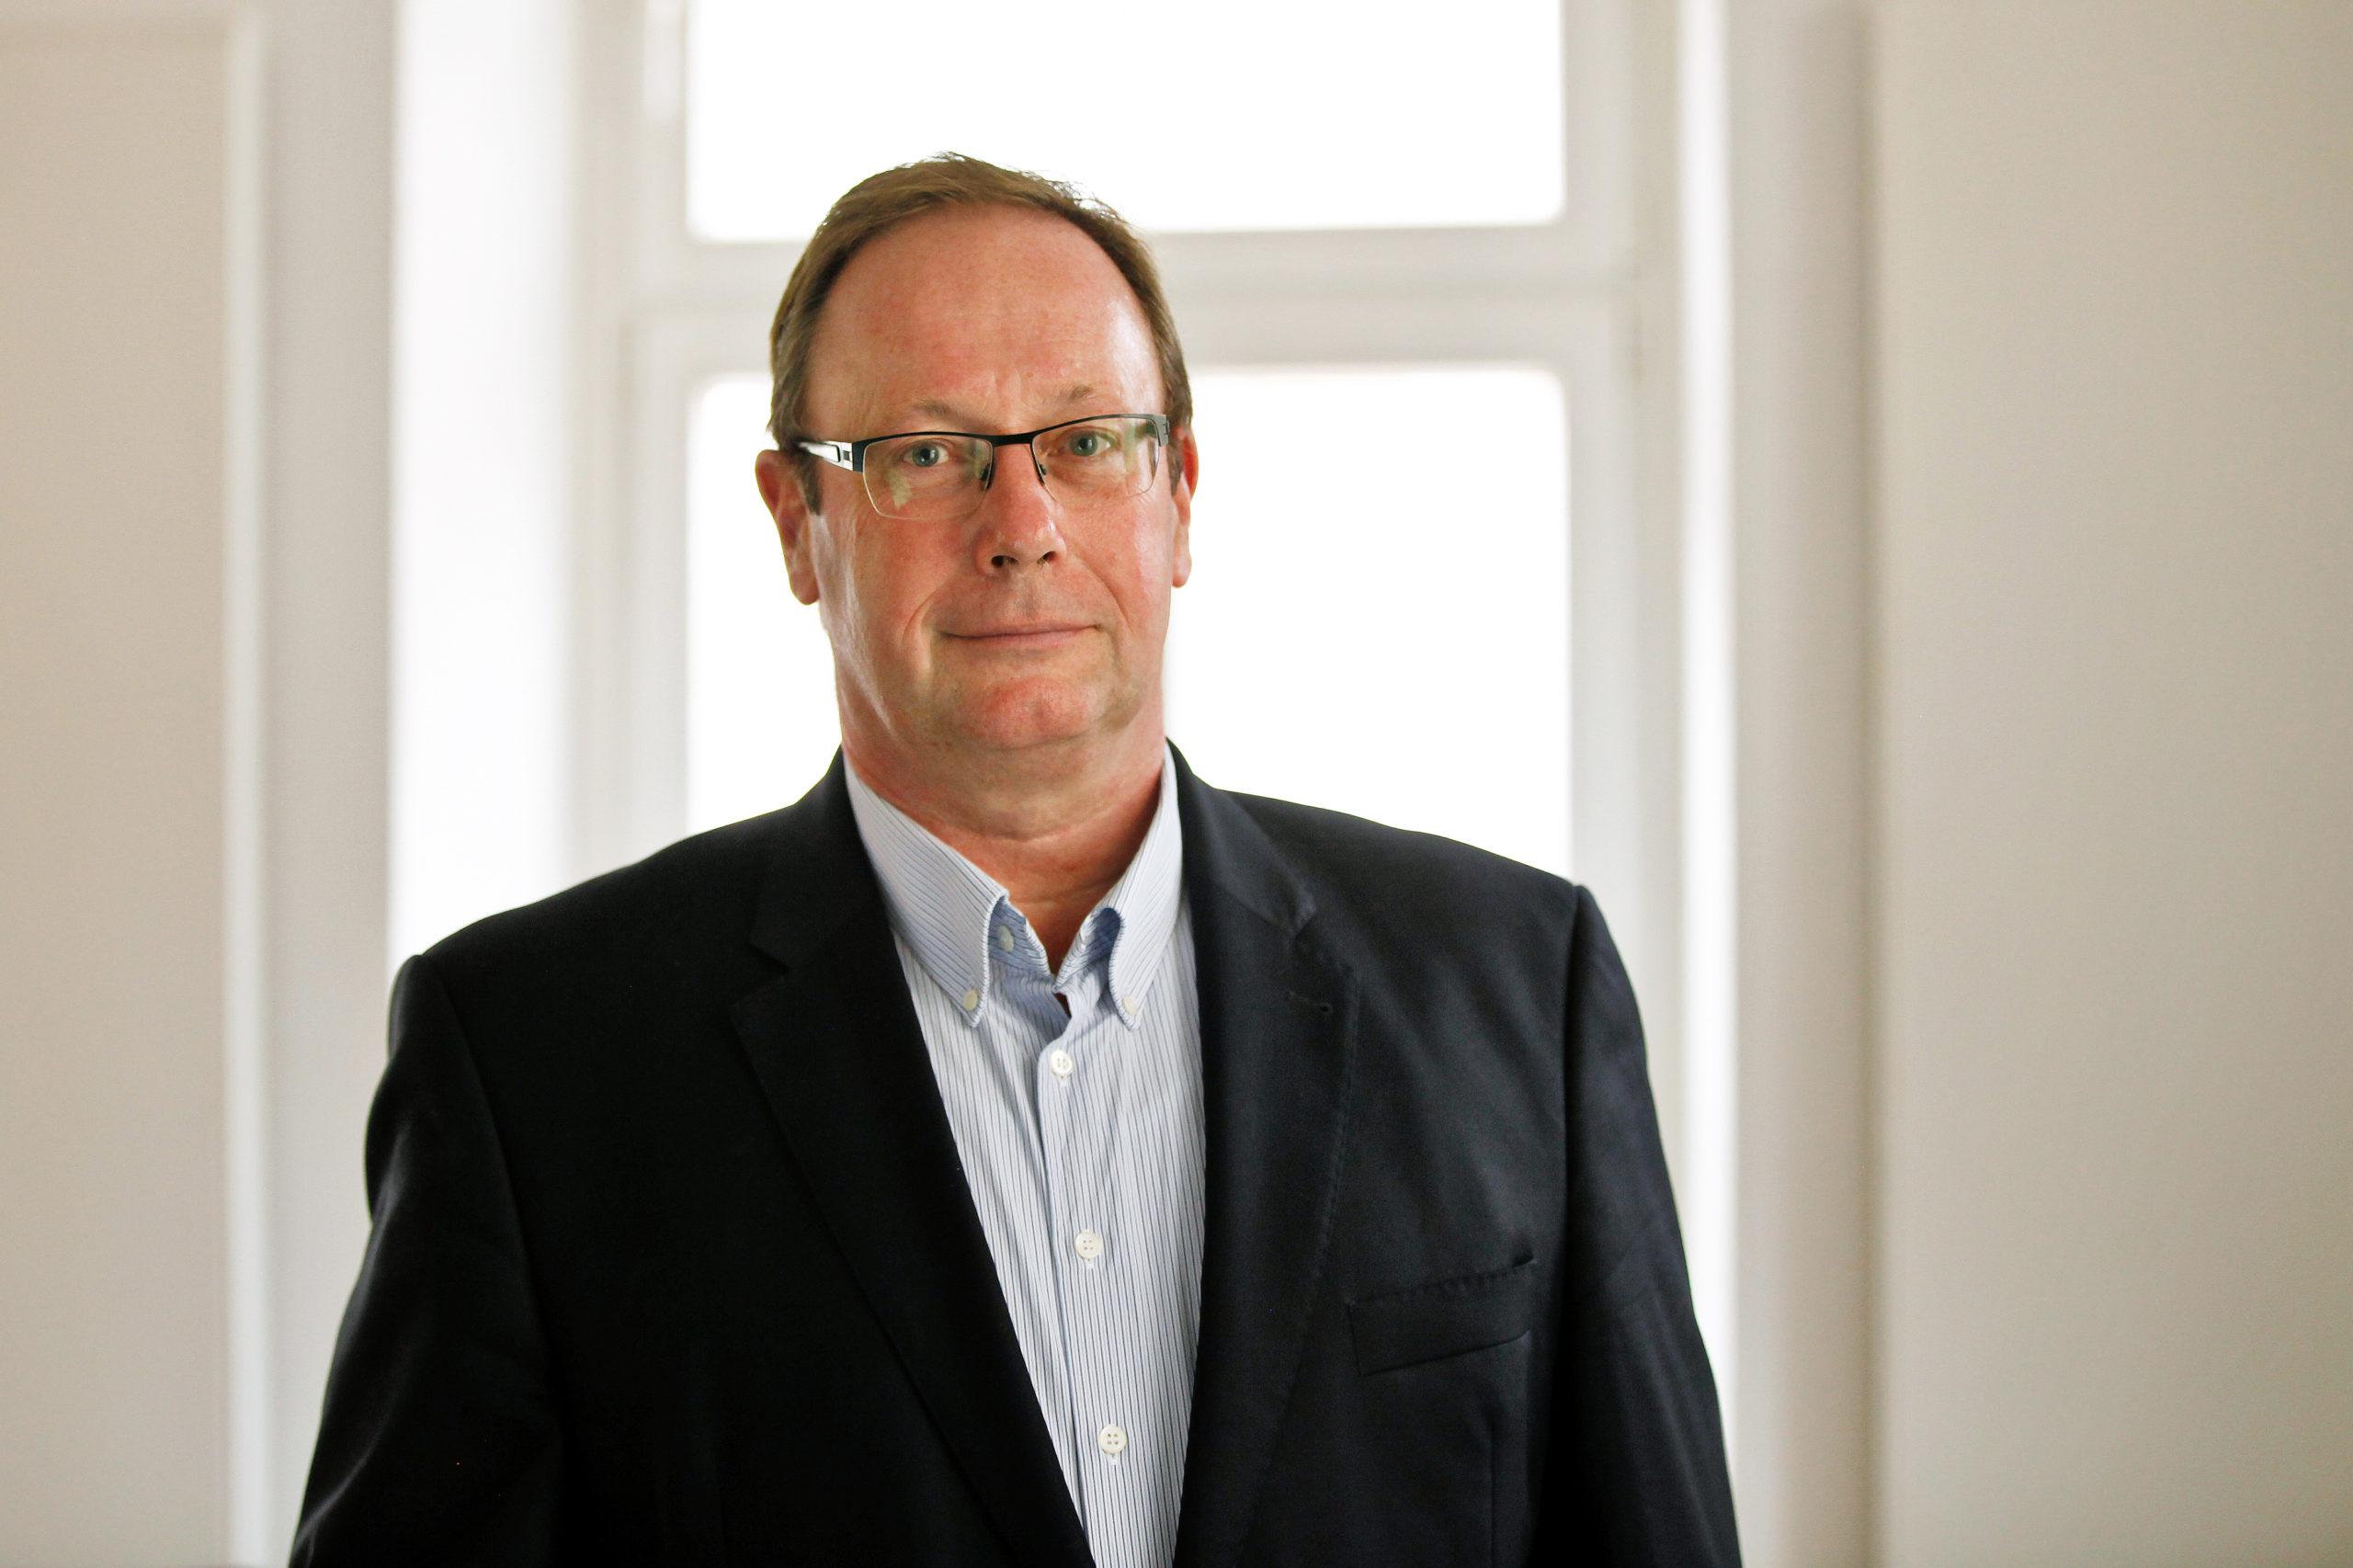 Holger Zbick